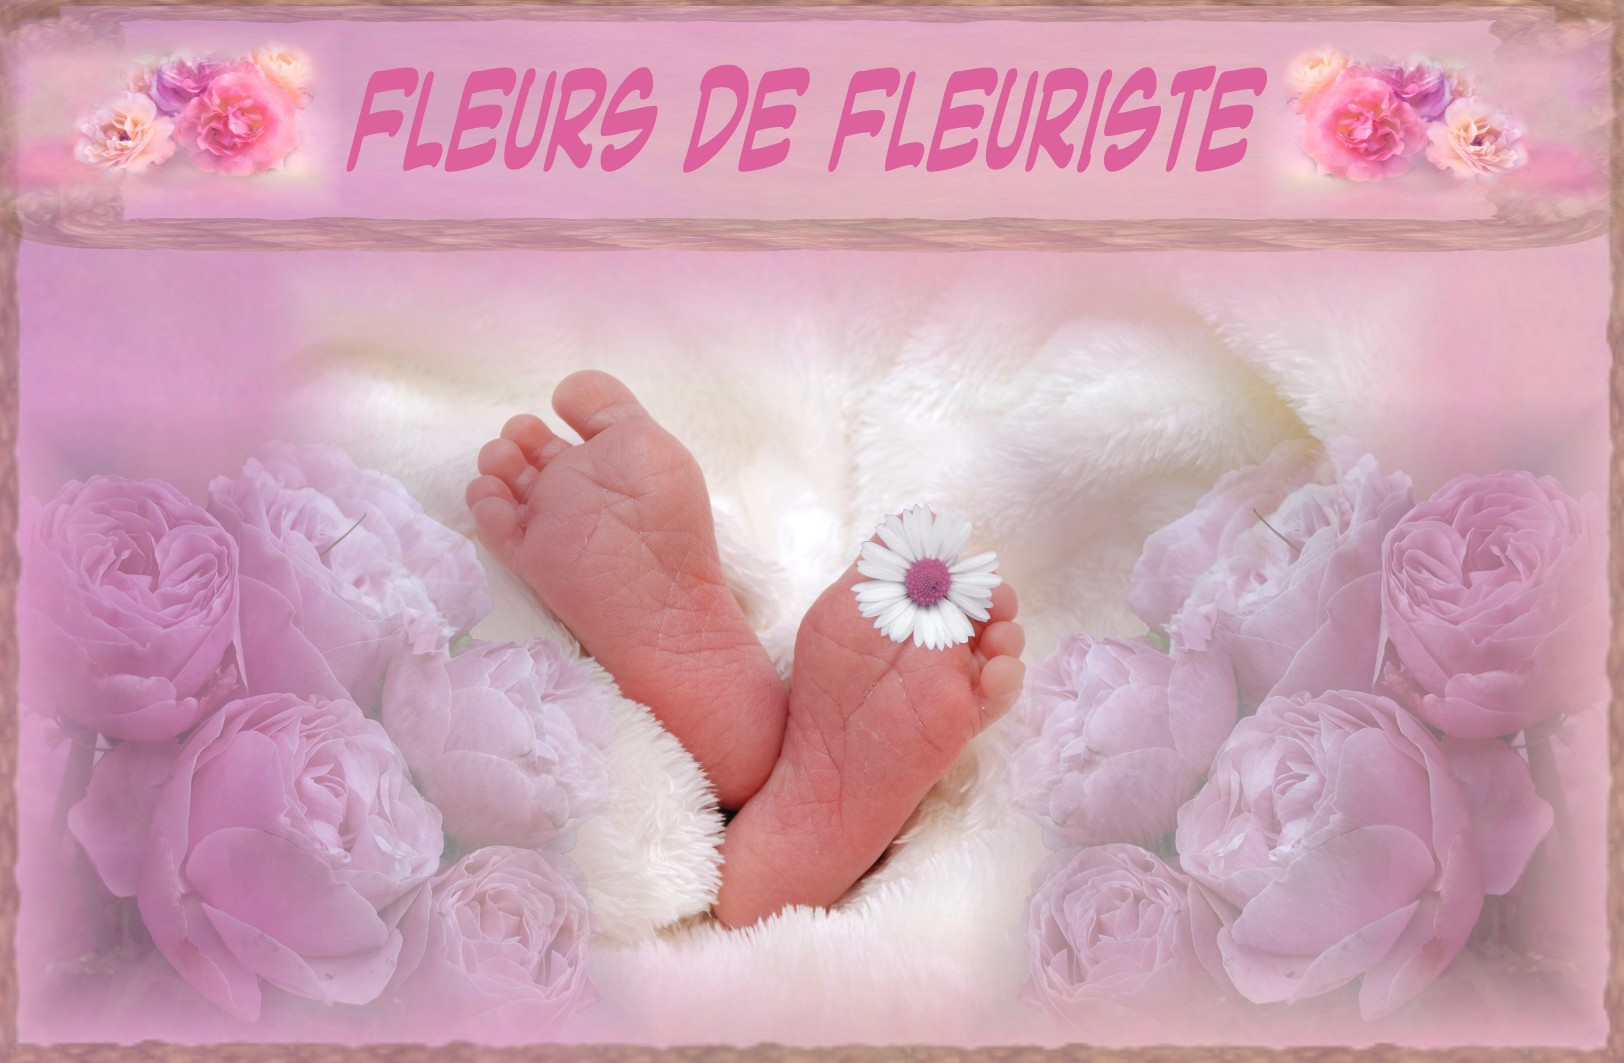 FLEURS POUR UNE NAISSANCE BRETEIL 35 - FLEURISTE BRETEIL 35 - ENVOYER FLEURS NAISSANCE BRETEIL 35 - ENVOI FLEURS NAISSANCE BRETEIL 35 - FLEURS BAPTEME BRETEIL 35 - livrer des fleurs pour une naissance, un baptême, une communion par un fleuriste de BRETEIL 35